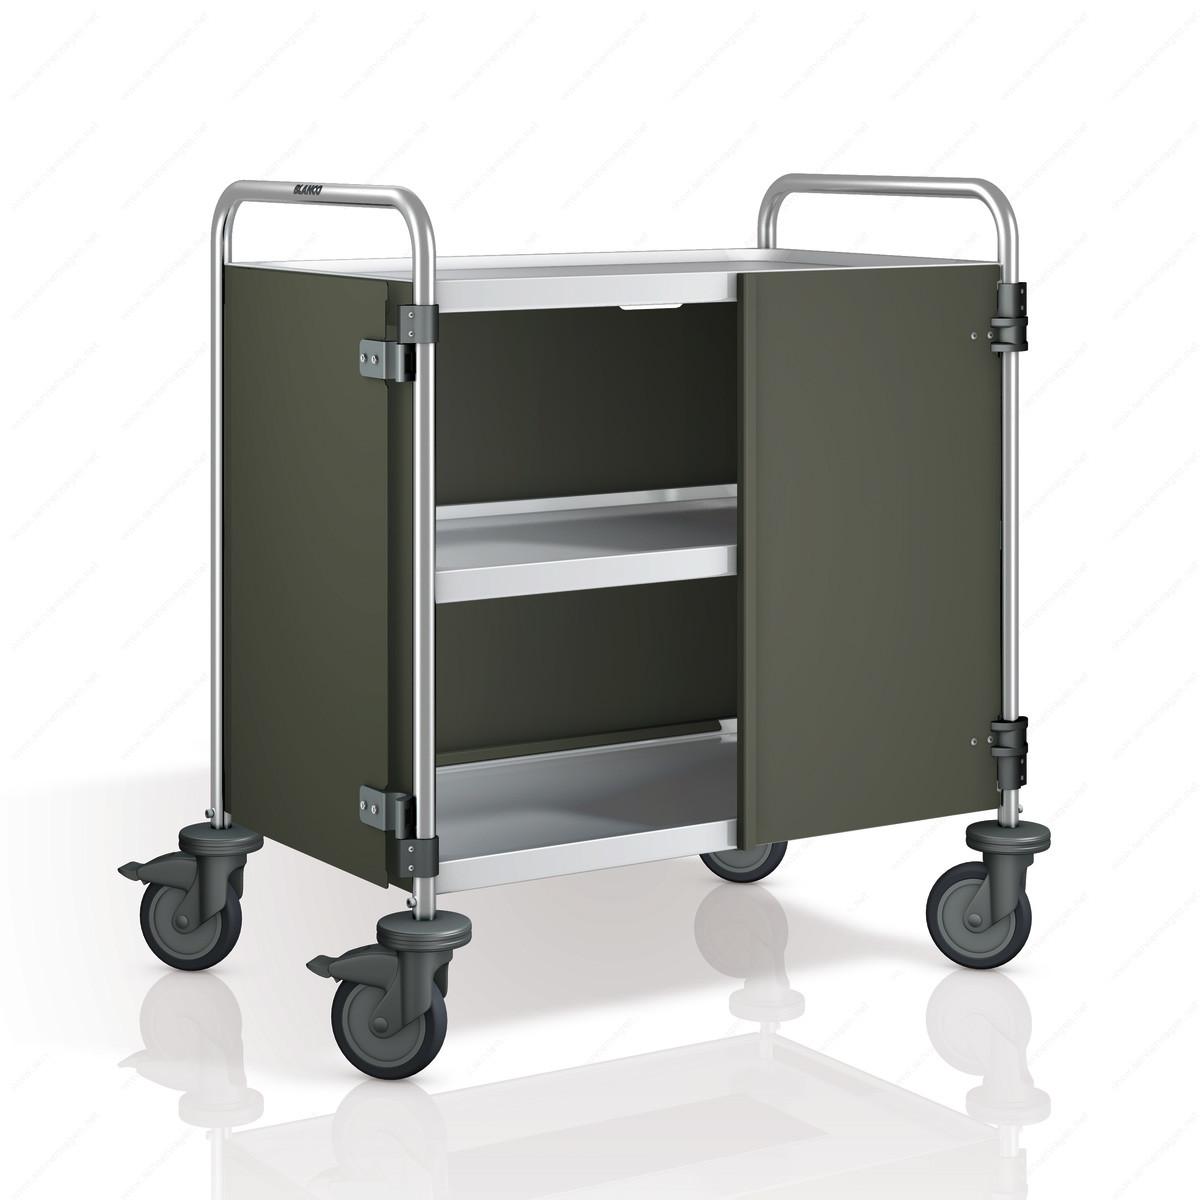 seitenwandverkleidung mit t ren f r sw8x5 2 bis sw8x5 3 servierwagen von blanco. Black Bedroom Furniture Sets. Home Design Ideas